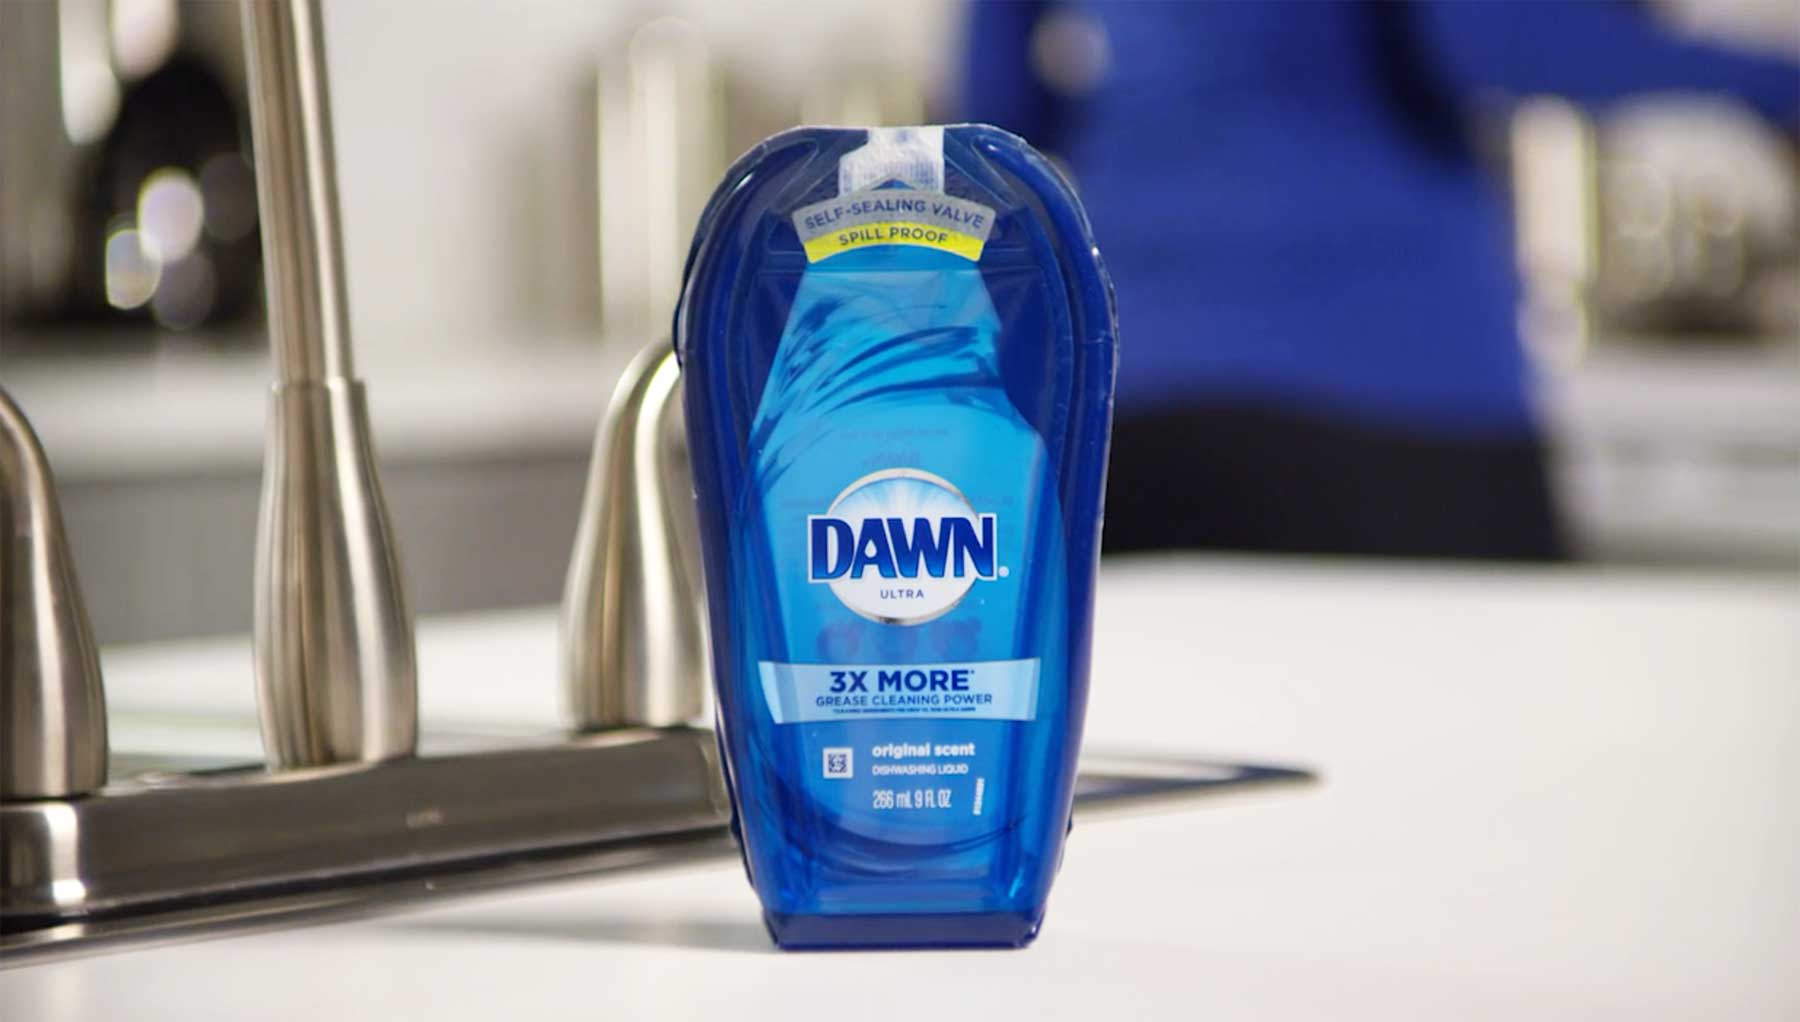 Diese Spülmittelflasche braucht keinen Deckel dawn-capfree-bottle-flasche-ohne-deckel